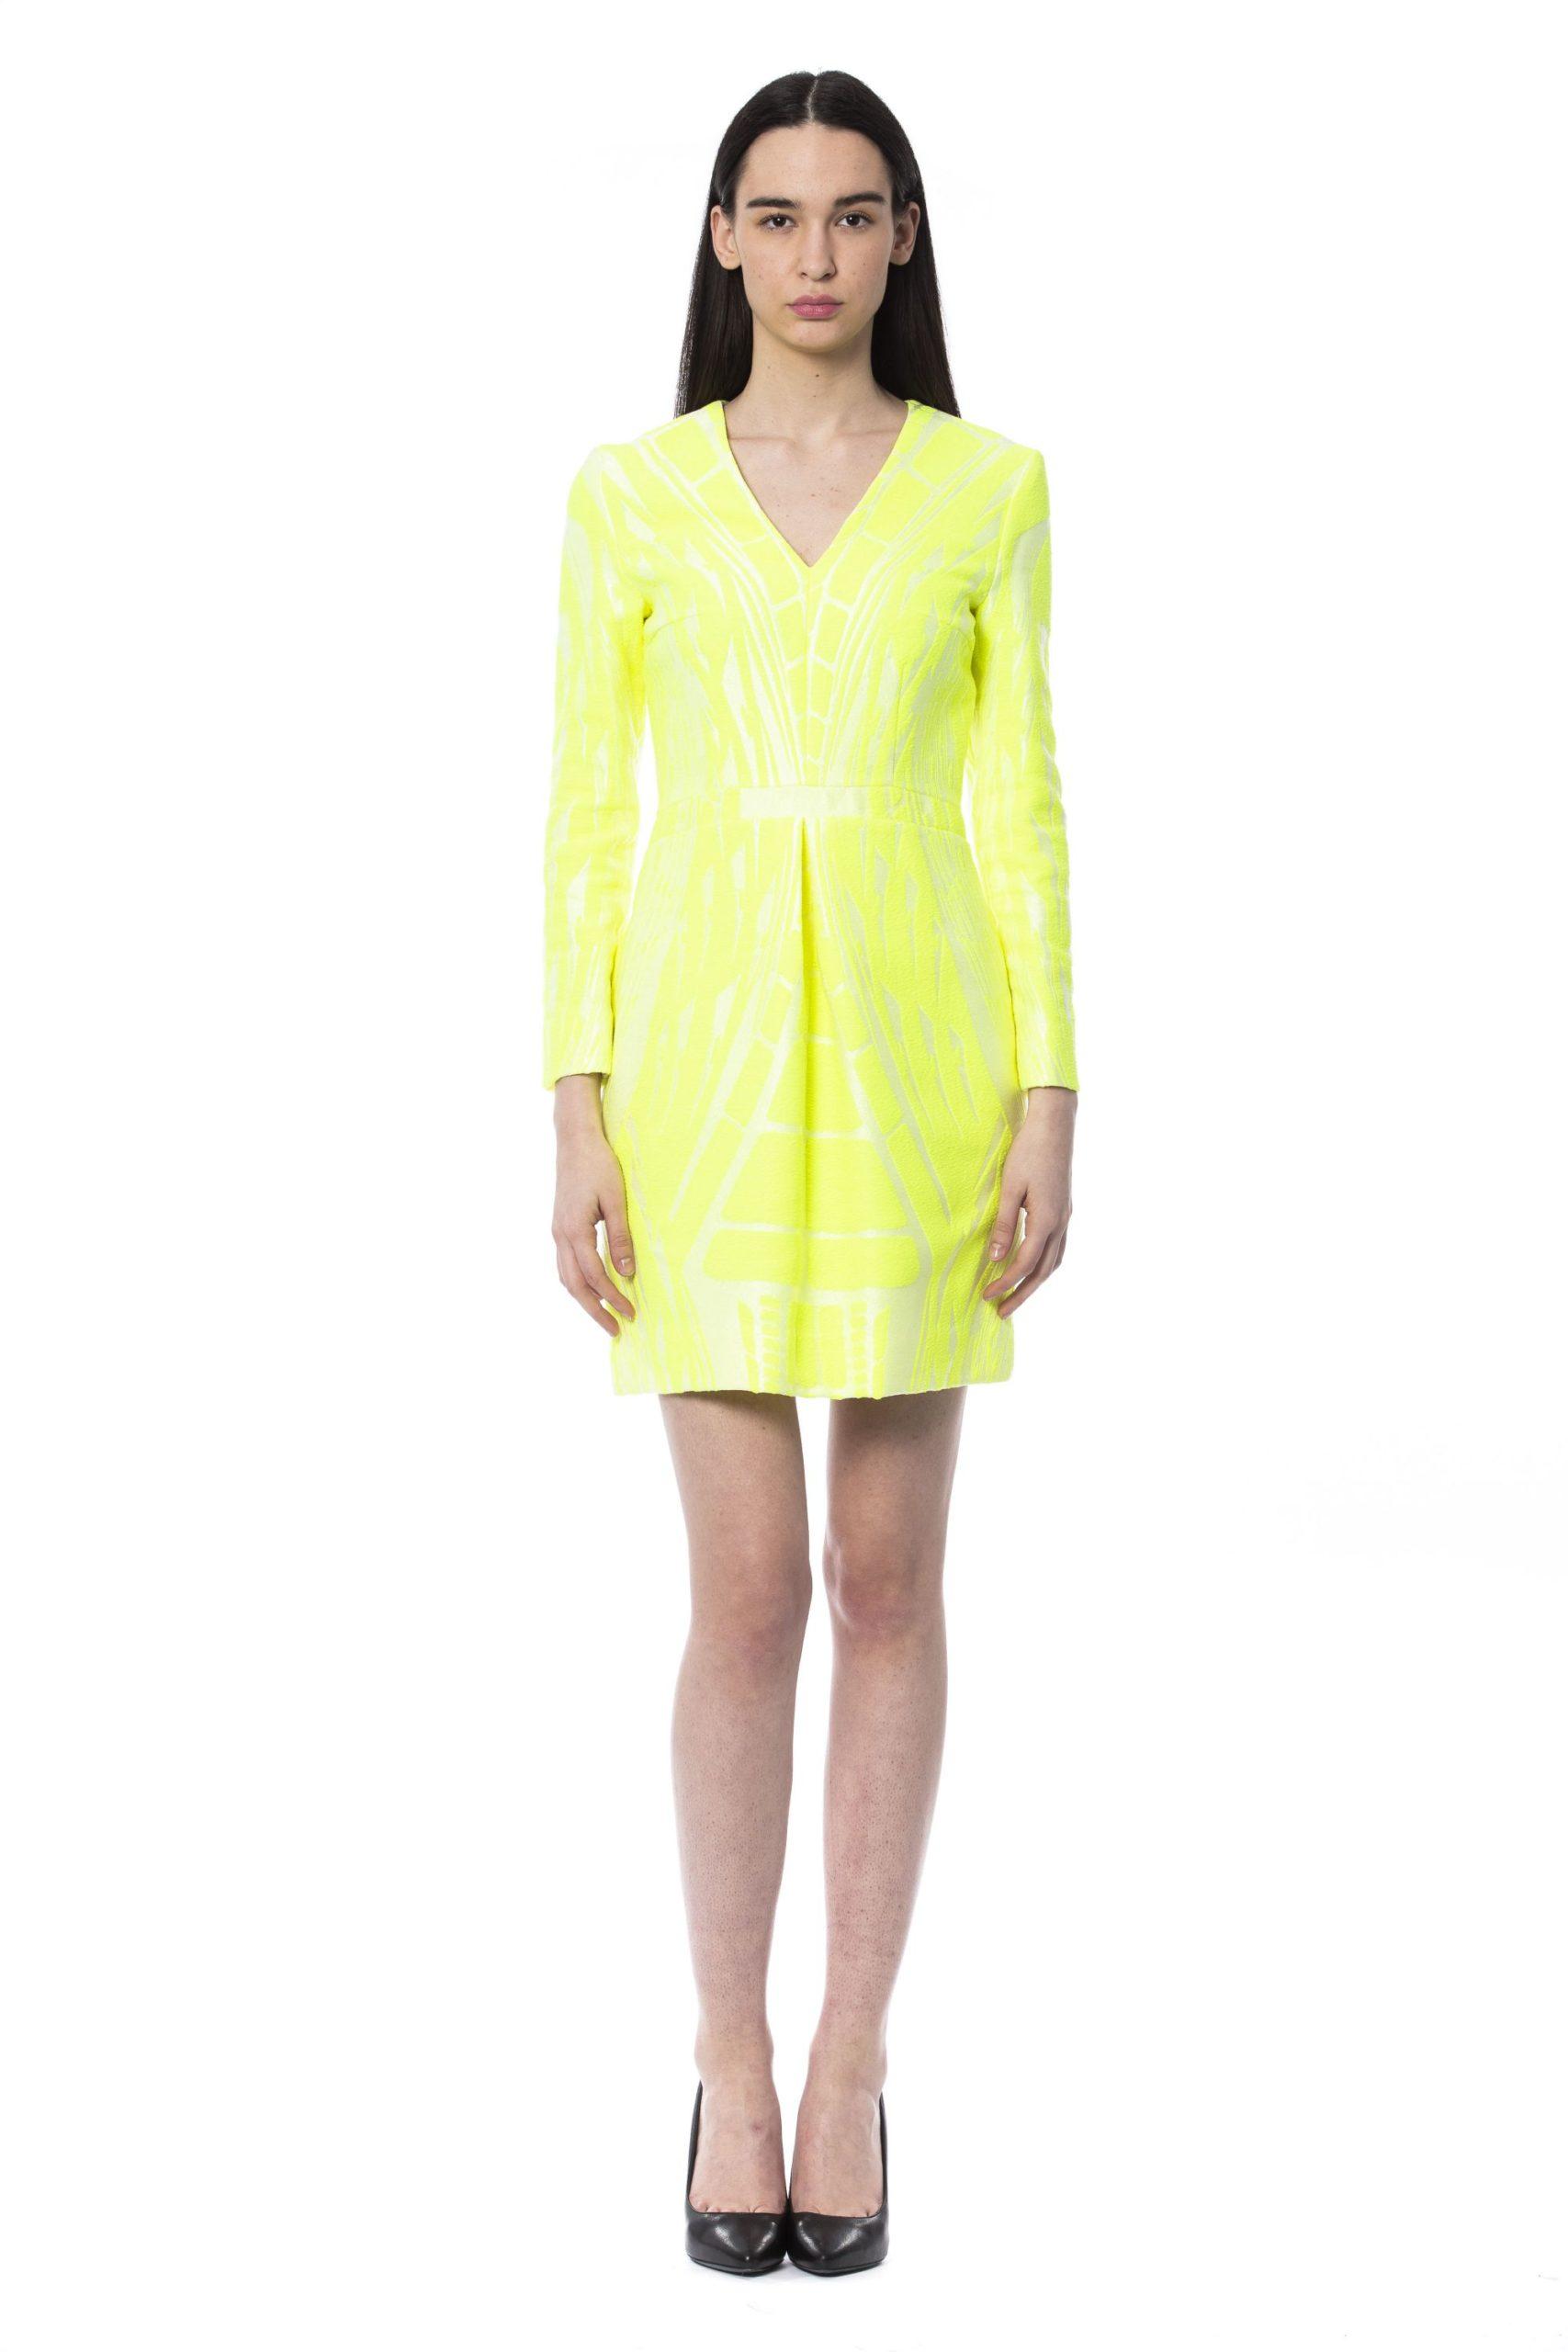 BYBLOS Women's Giallofluo Dress Yellow BY997164 - IT44 | M